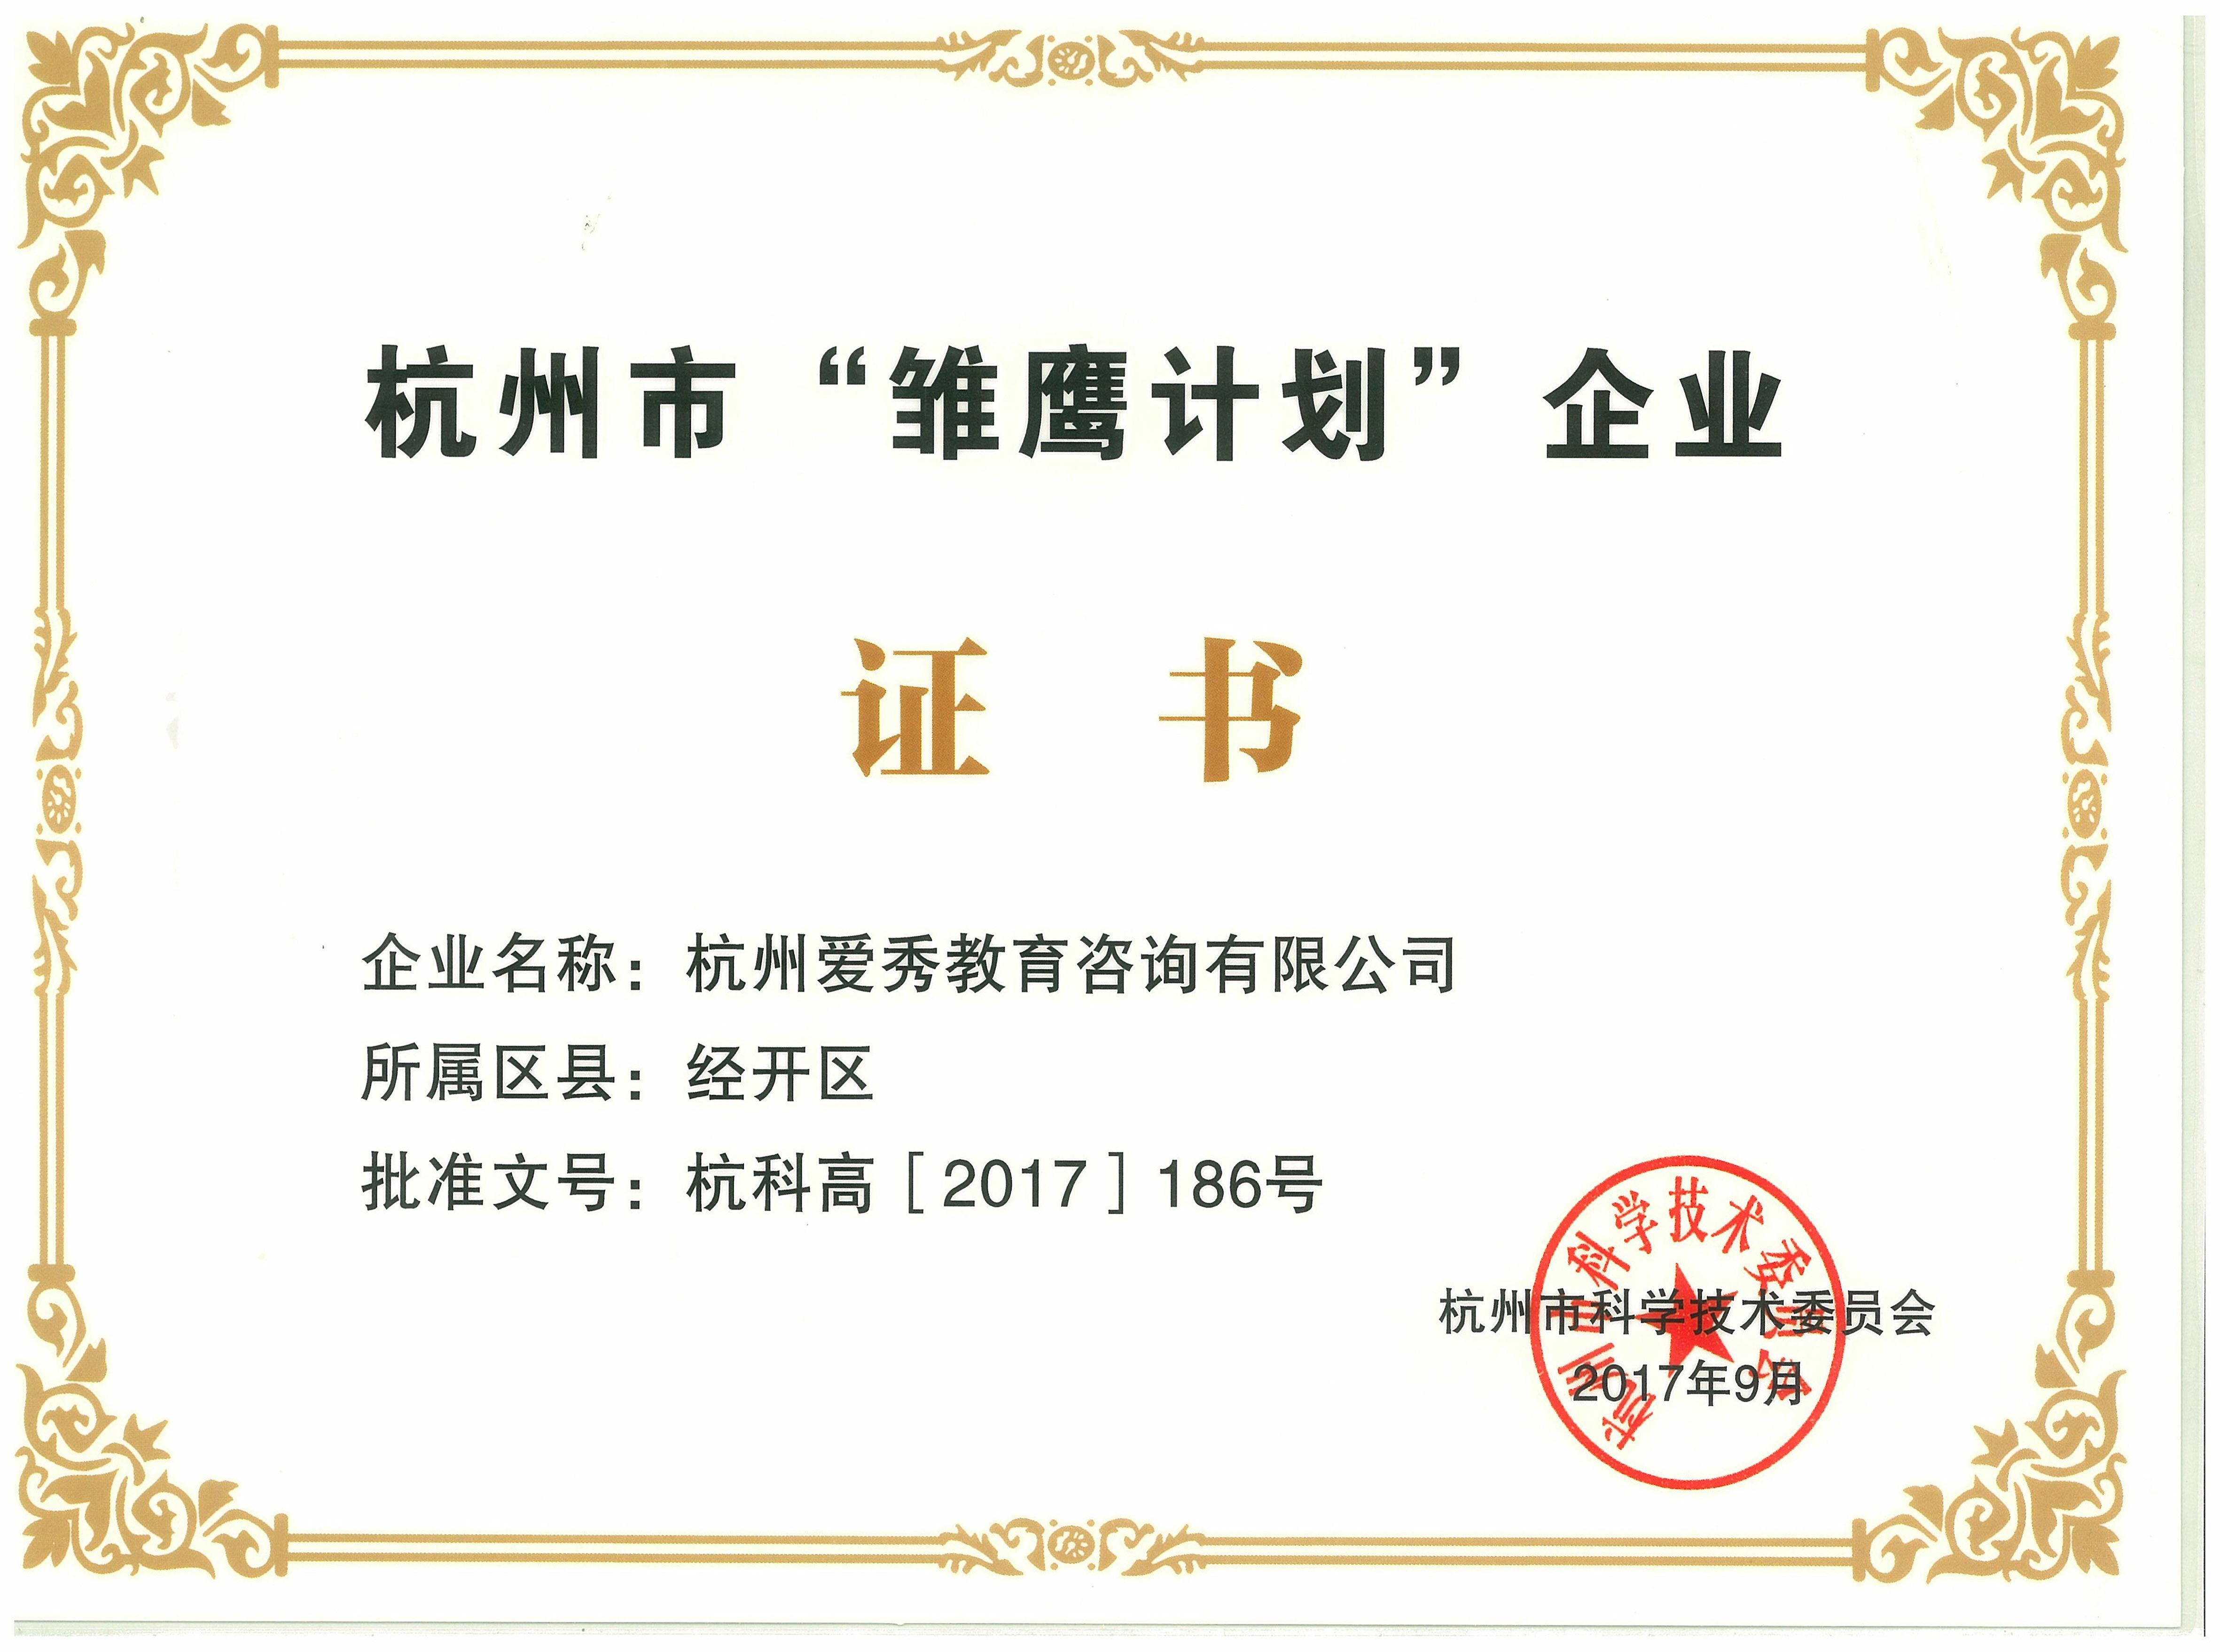 杭州市雏鹰计划企业培育工程